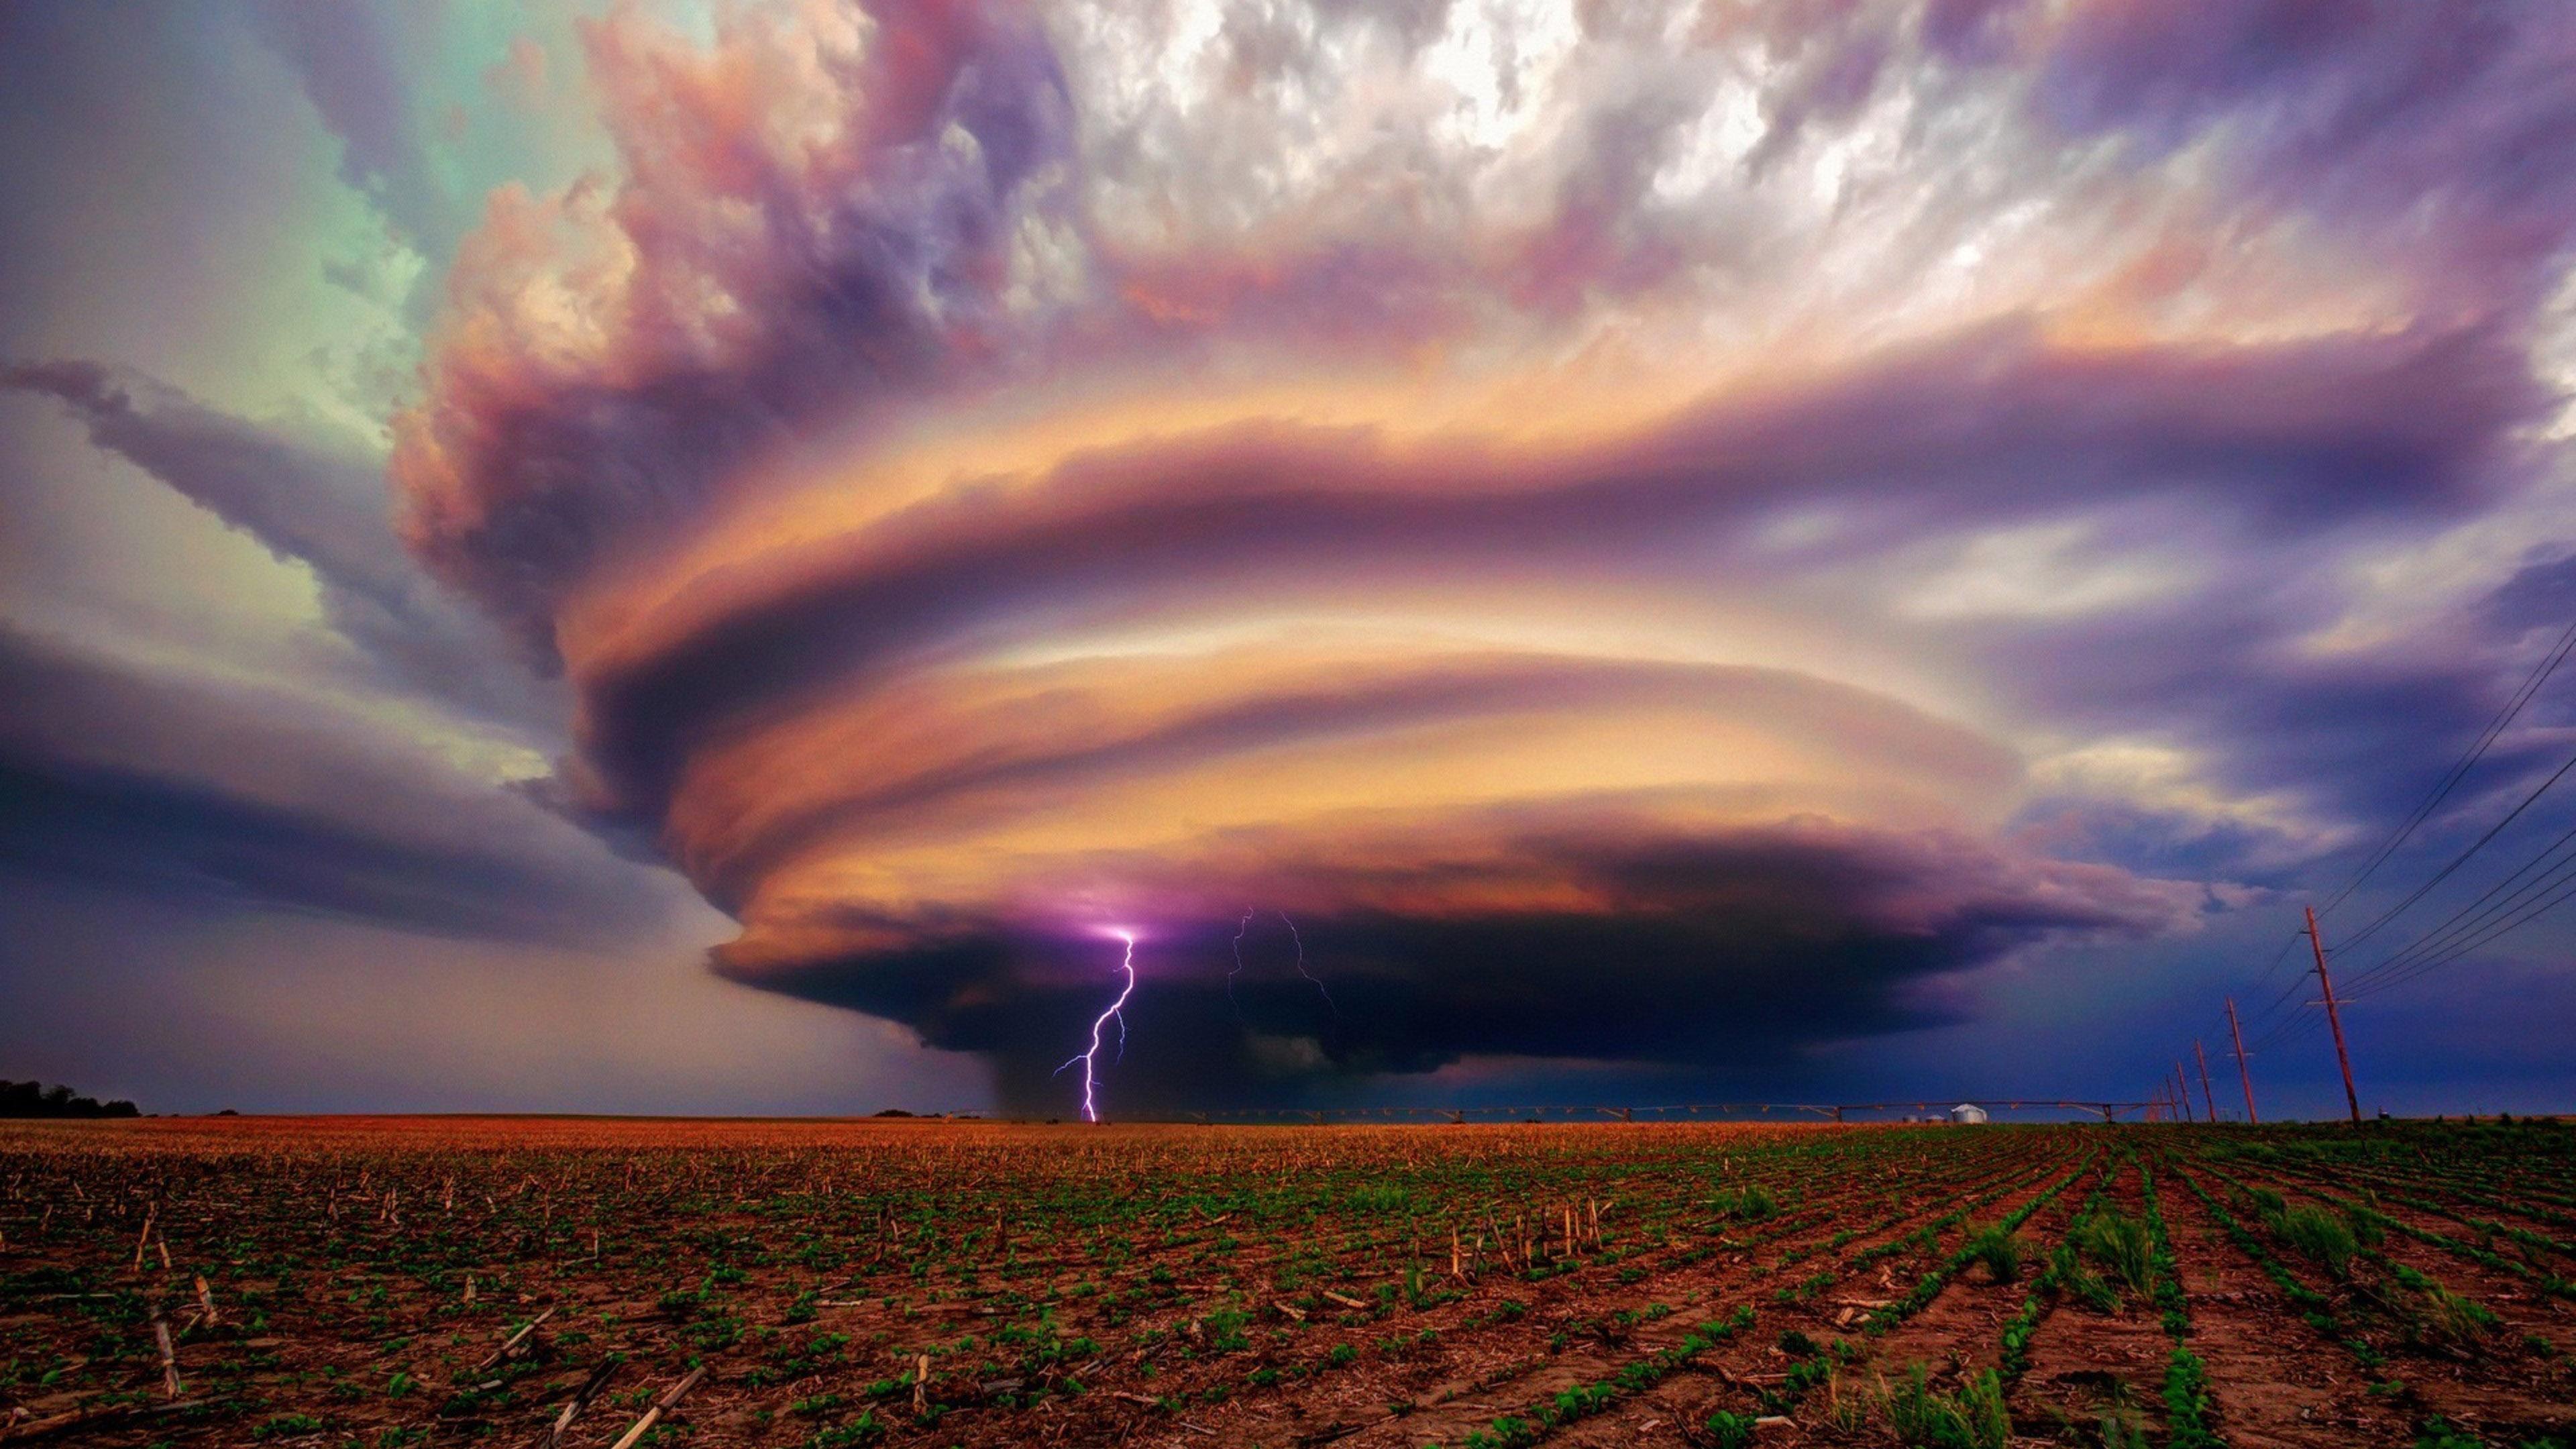 Tornado Storm 4K Wallpaper 3840x2160